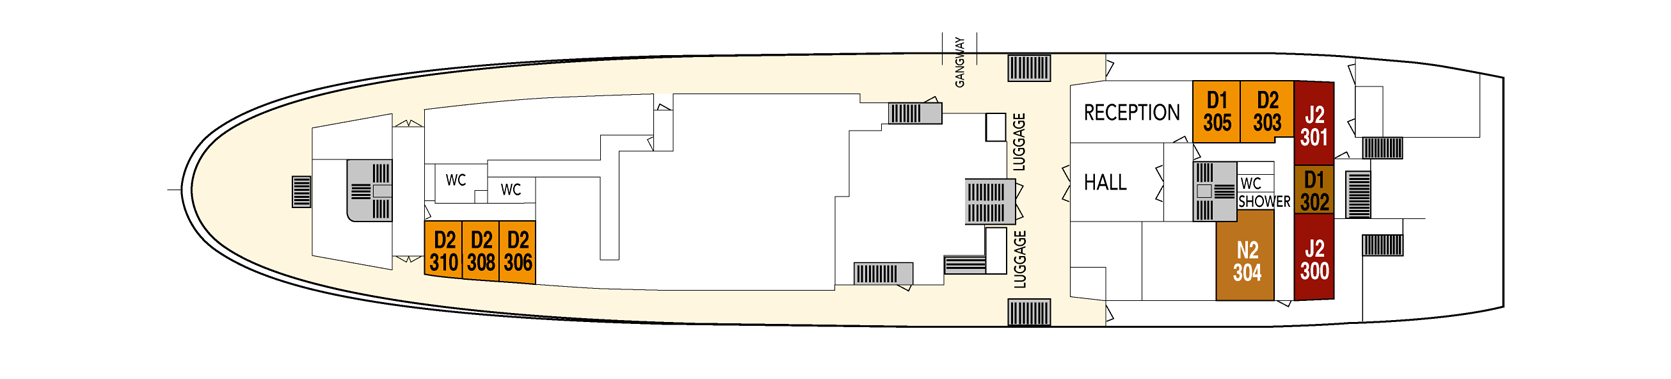 Hurtigruten MS Lofoten Deck Plans Deck 7.png